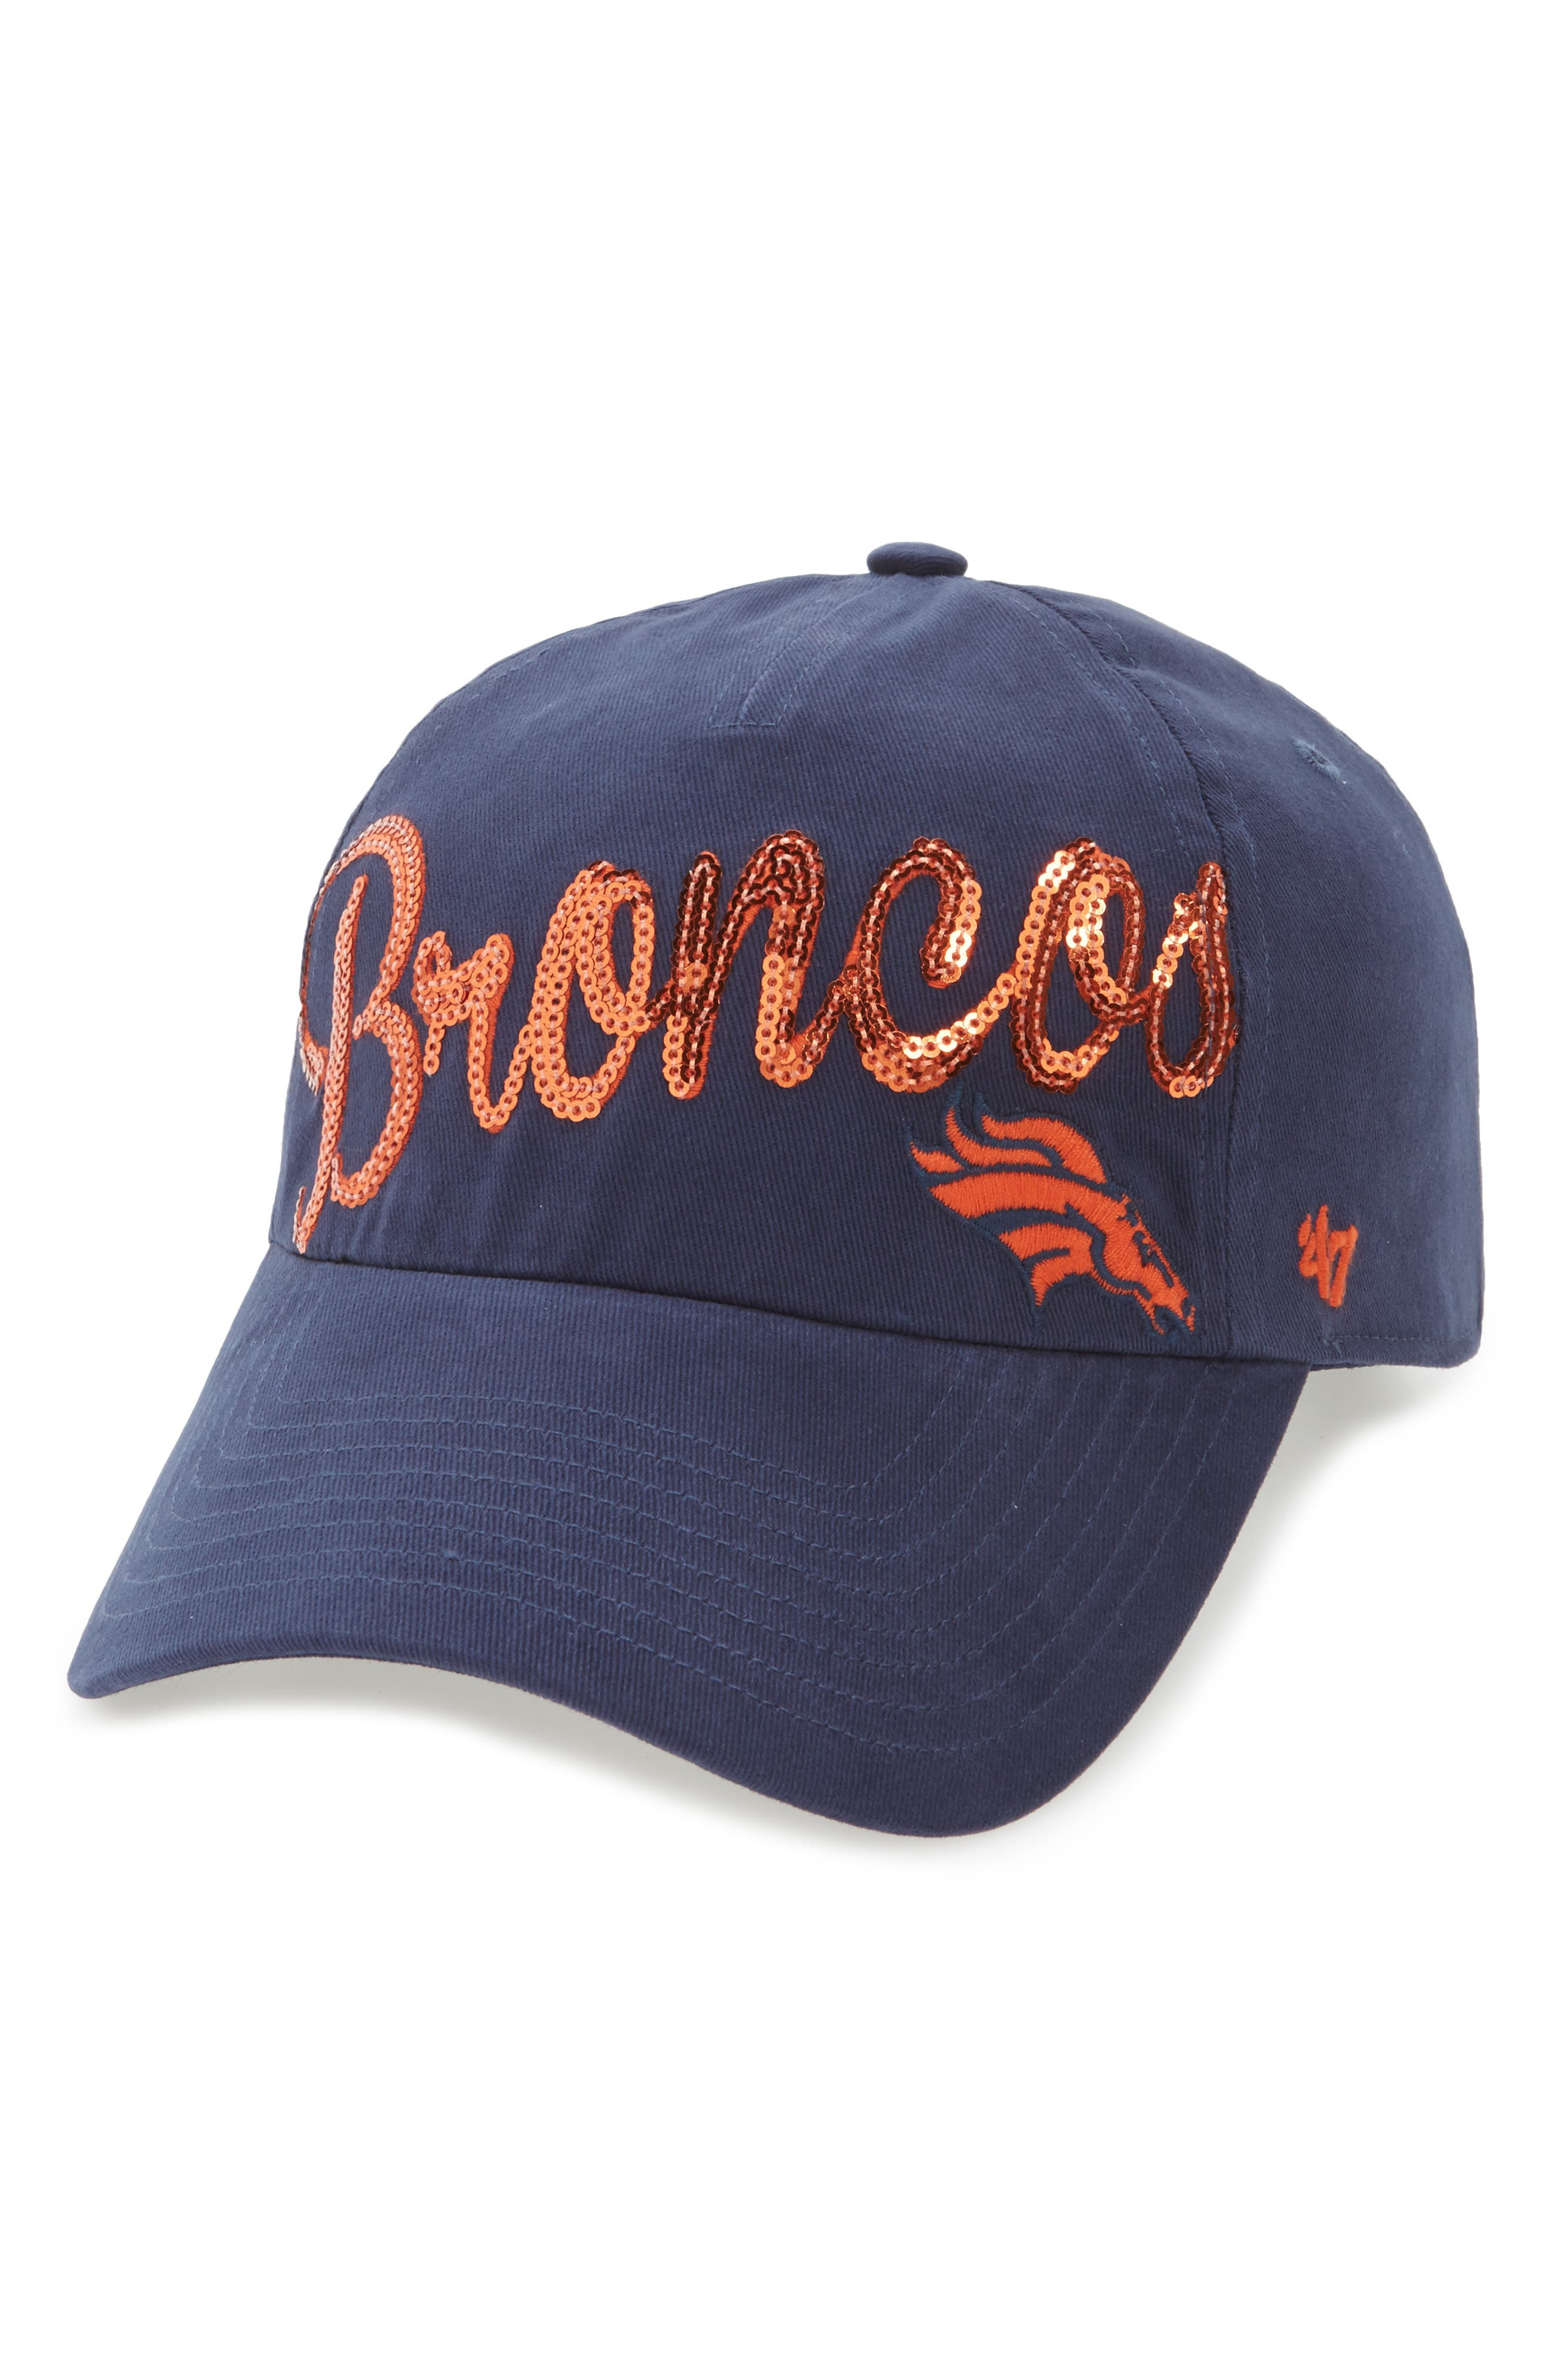 Denver Broncos Sparkle Cap,                             Main thumbnail 1, color,                             410